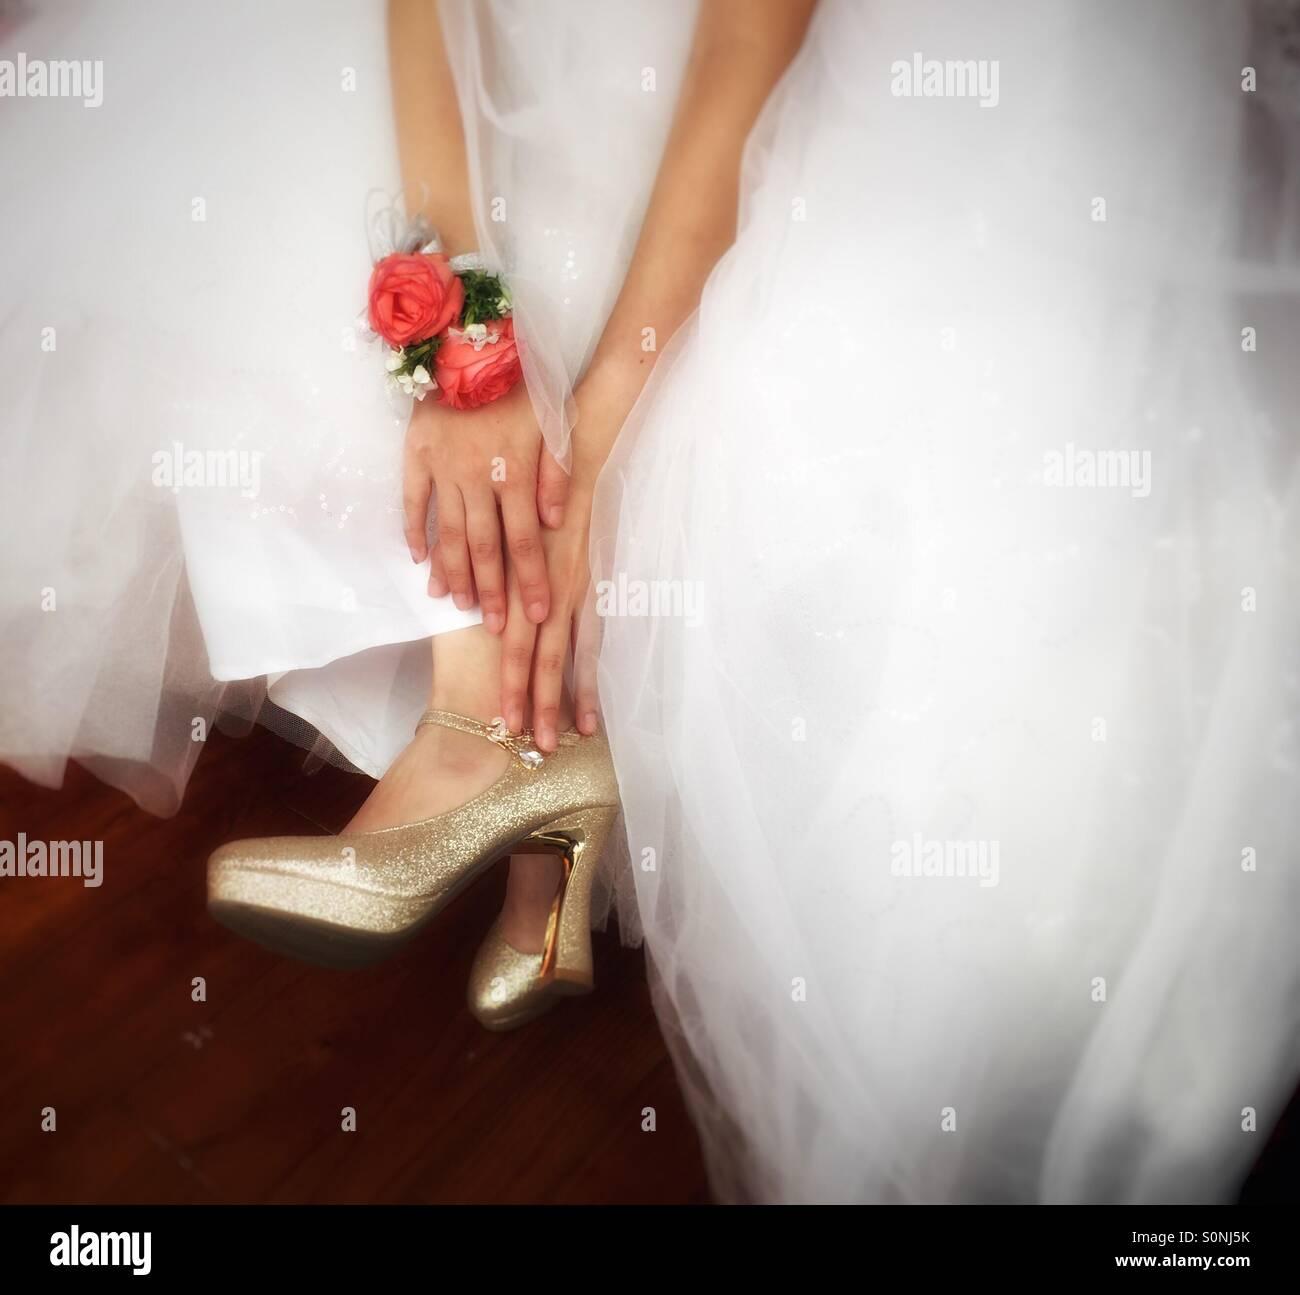 Braut Schuhe Hochzeit Tag Stockbild